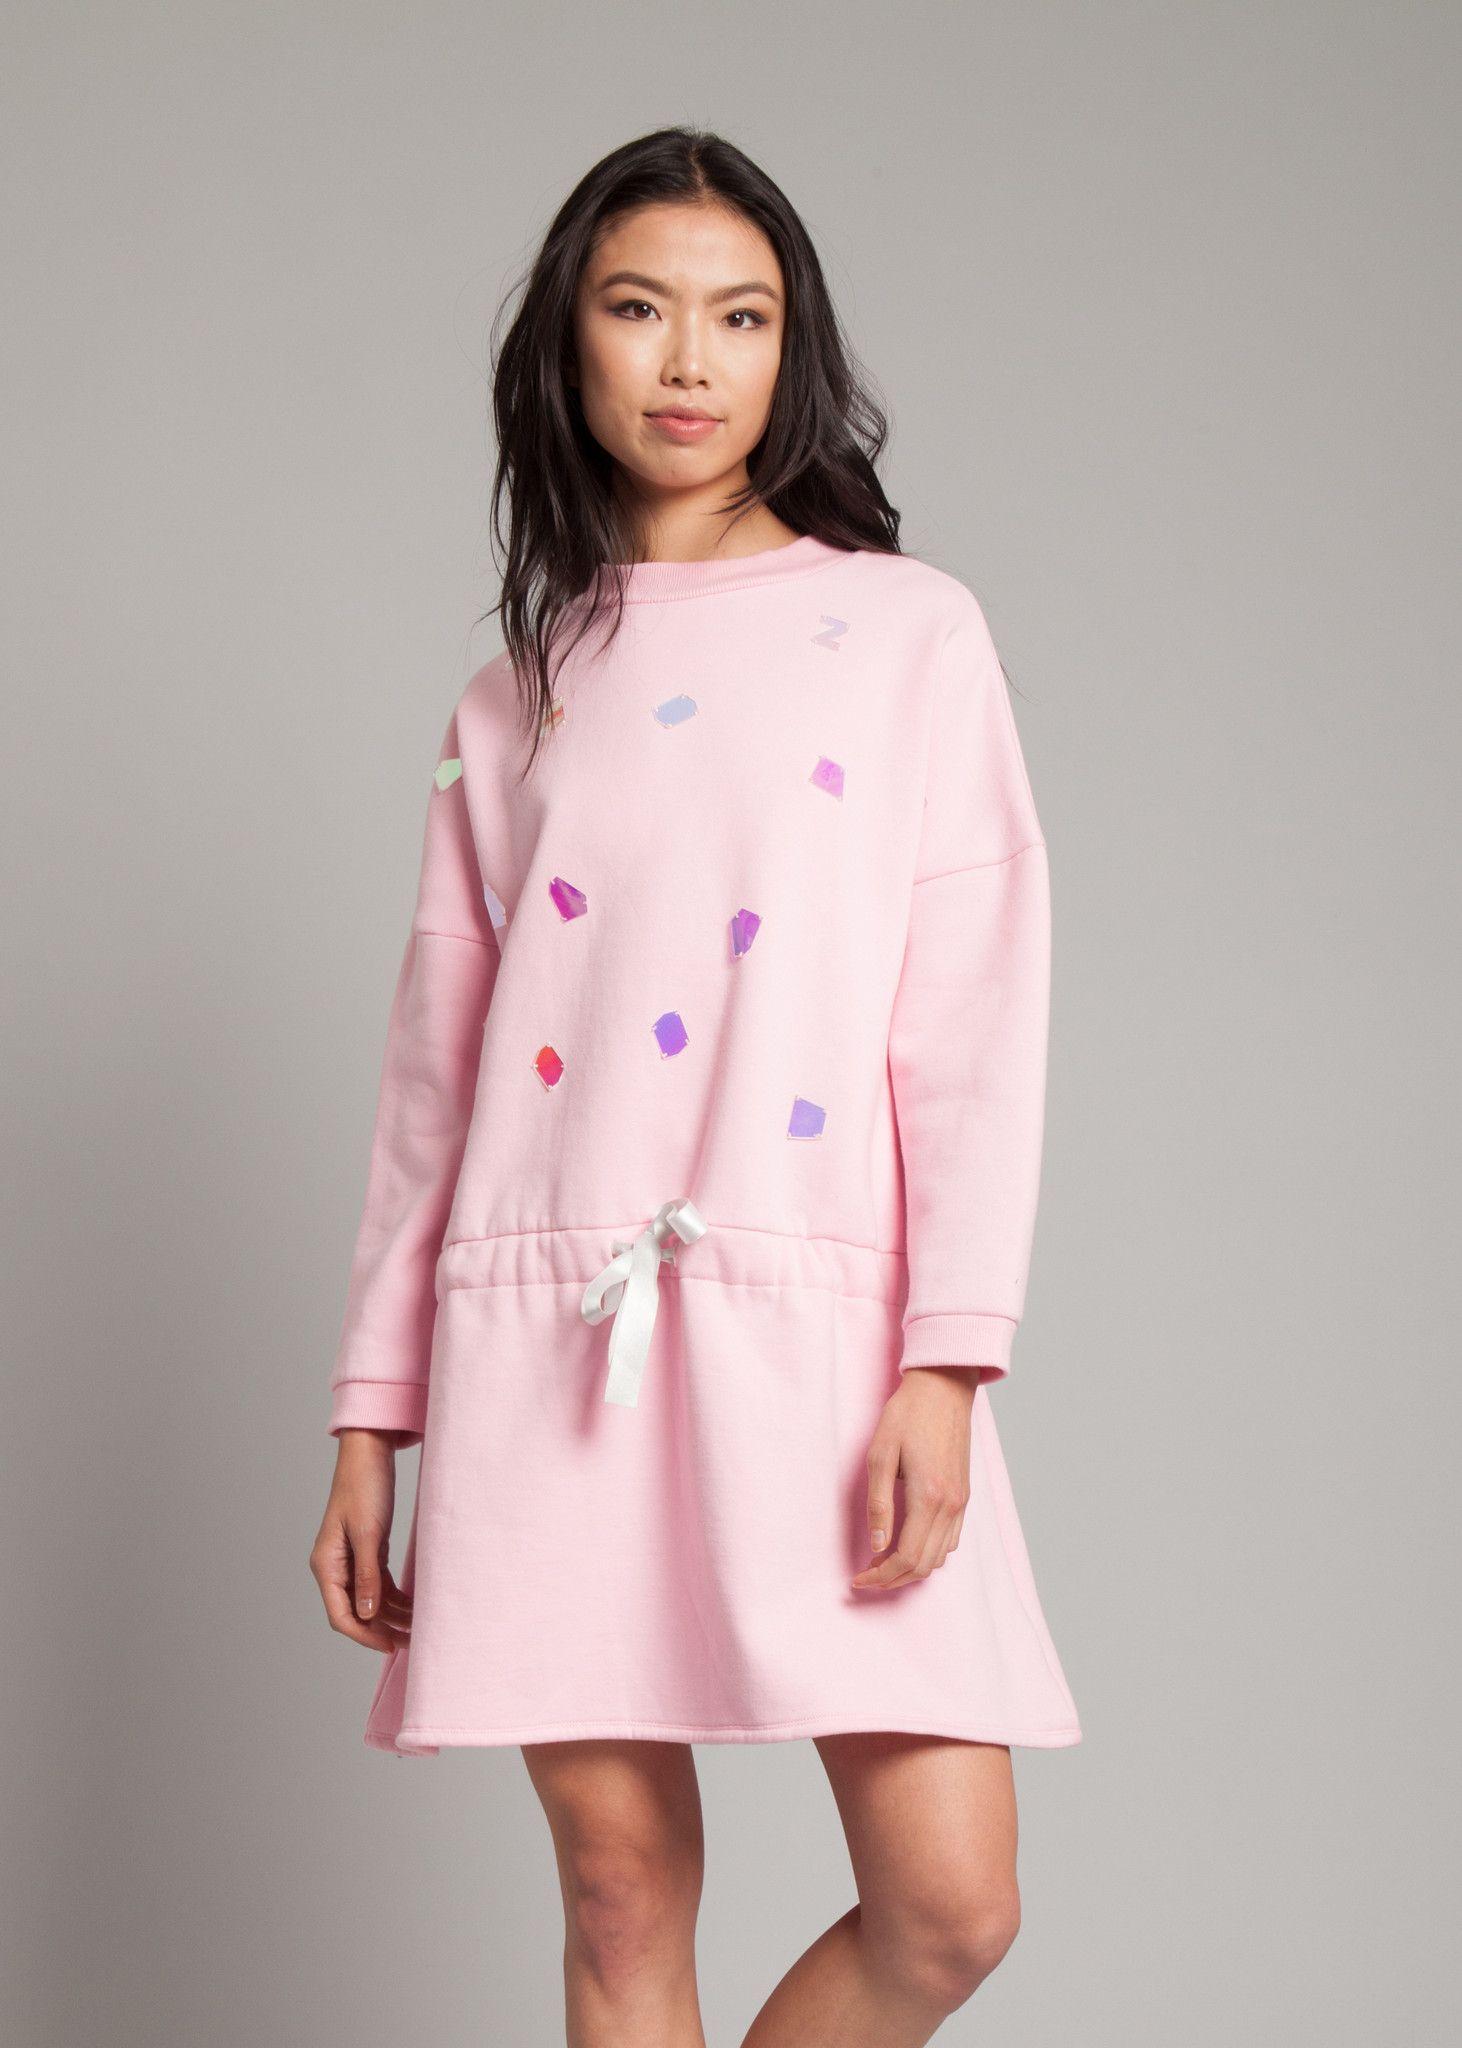 Zee Dress in Pink